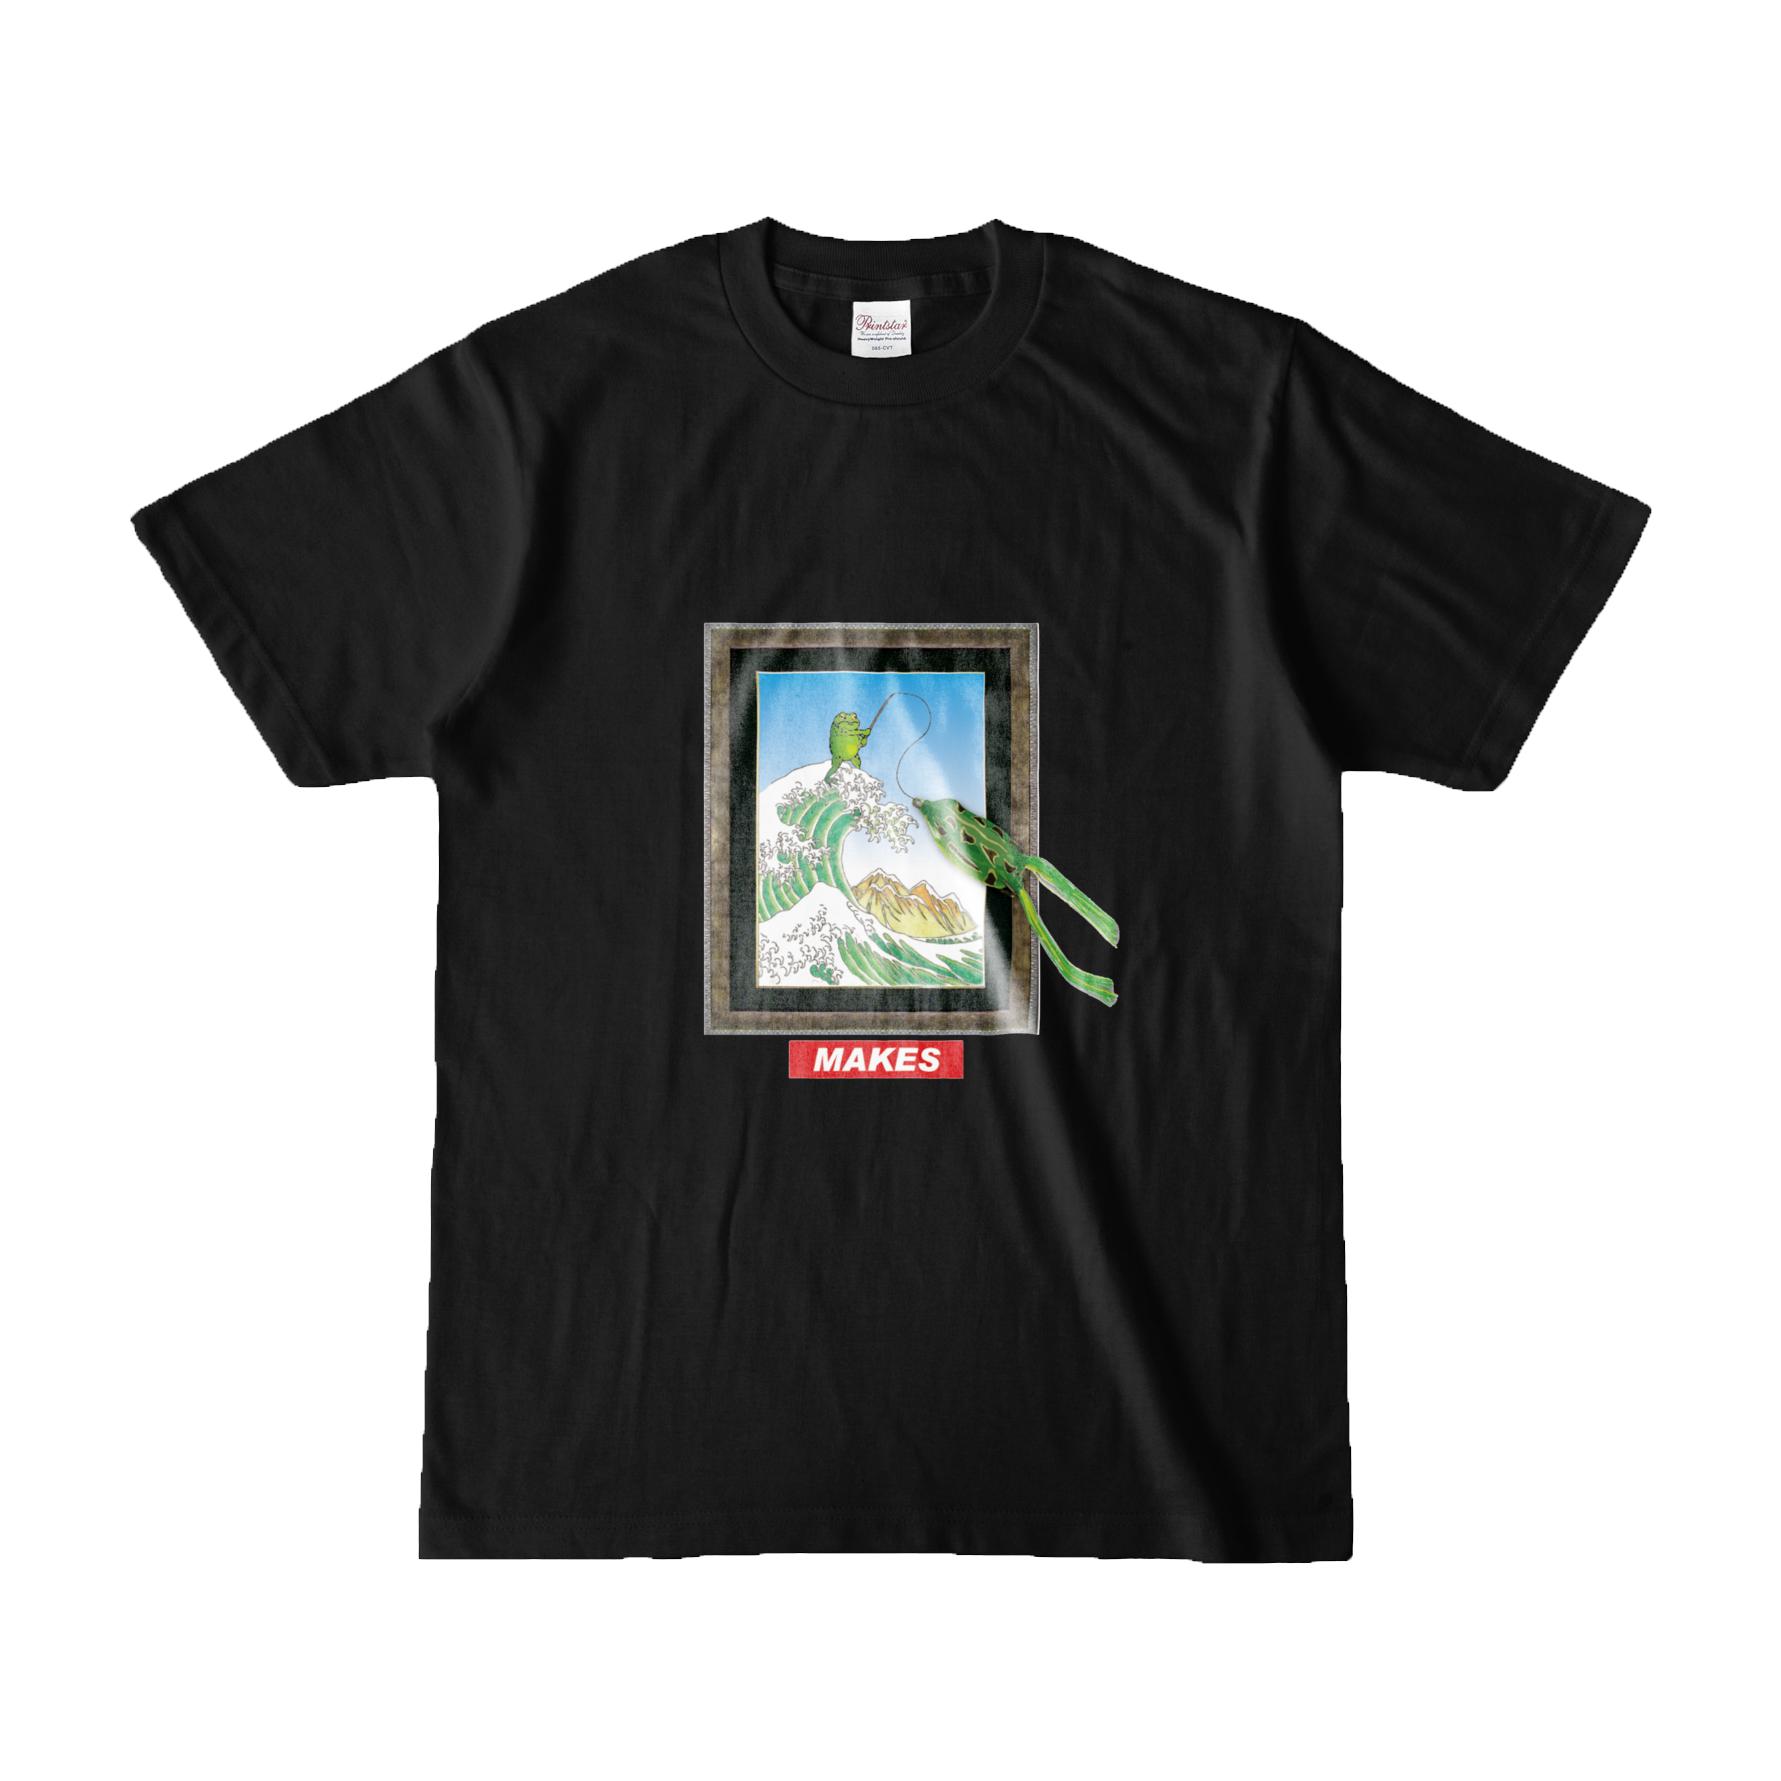 【再入荷】MAKES半袖Tシャツ(Frog)